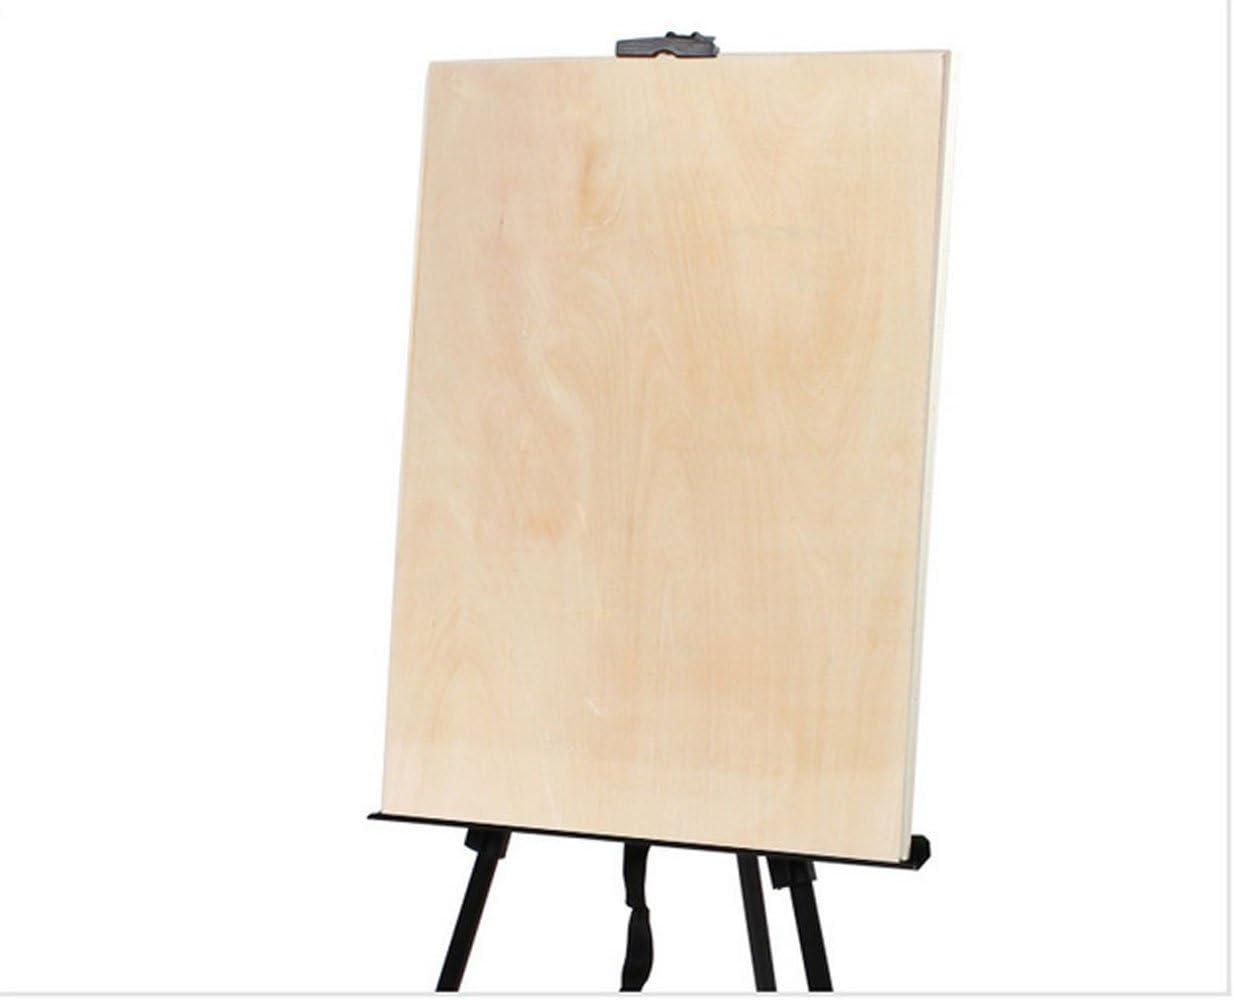 Tablero para dibujo de madera de tilo para manualidades y dibujos ...